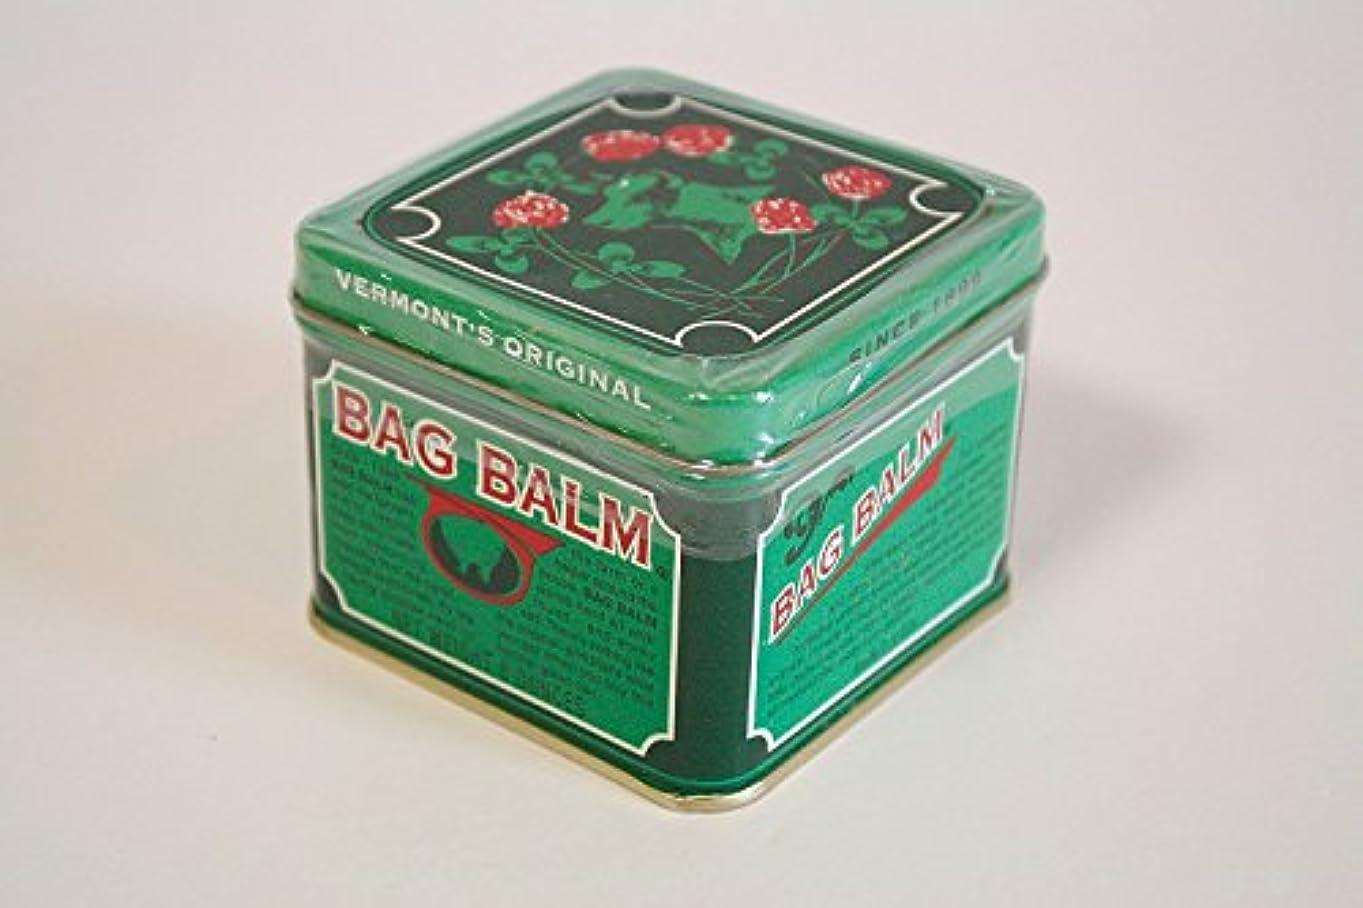 がんばり続ける栄養宇宙Bag Balm バッグバーム 8oz 保湿クリーム Vermont's Original バーモントオリジナル[並行輸入品]